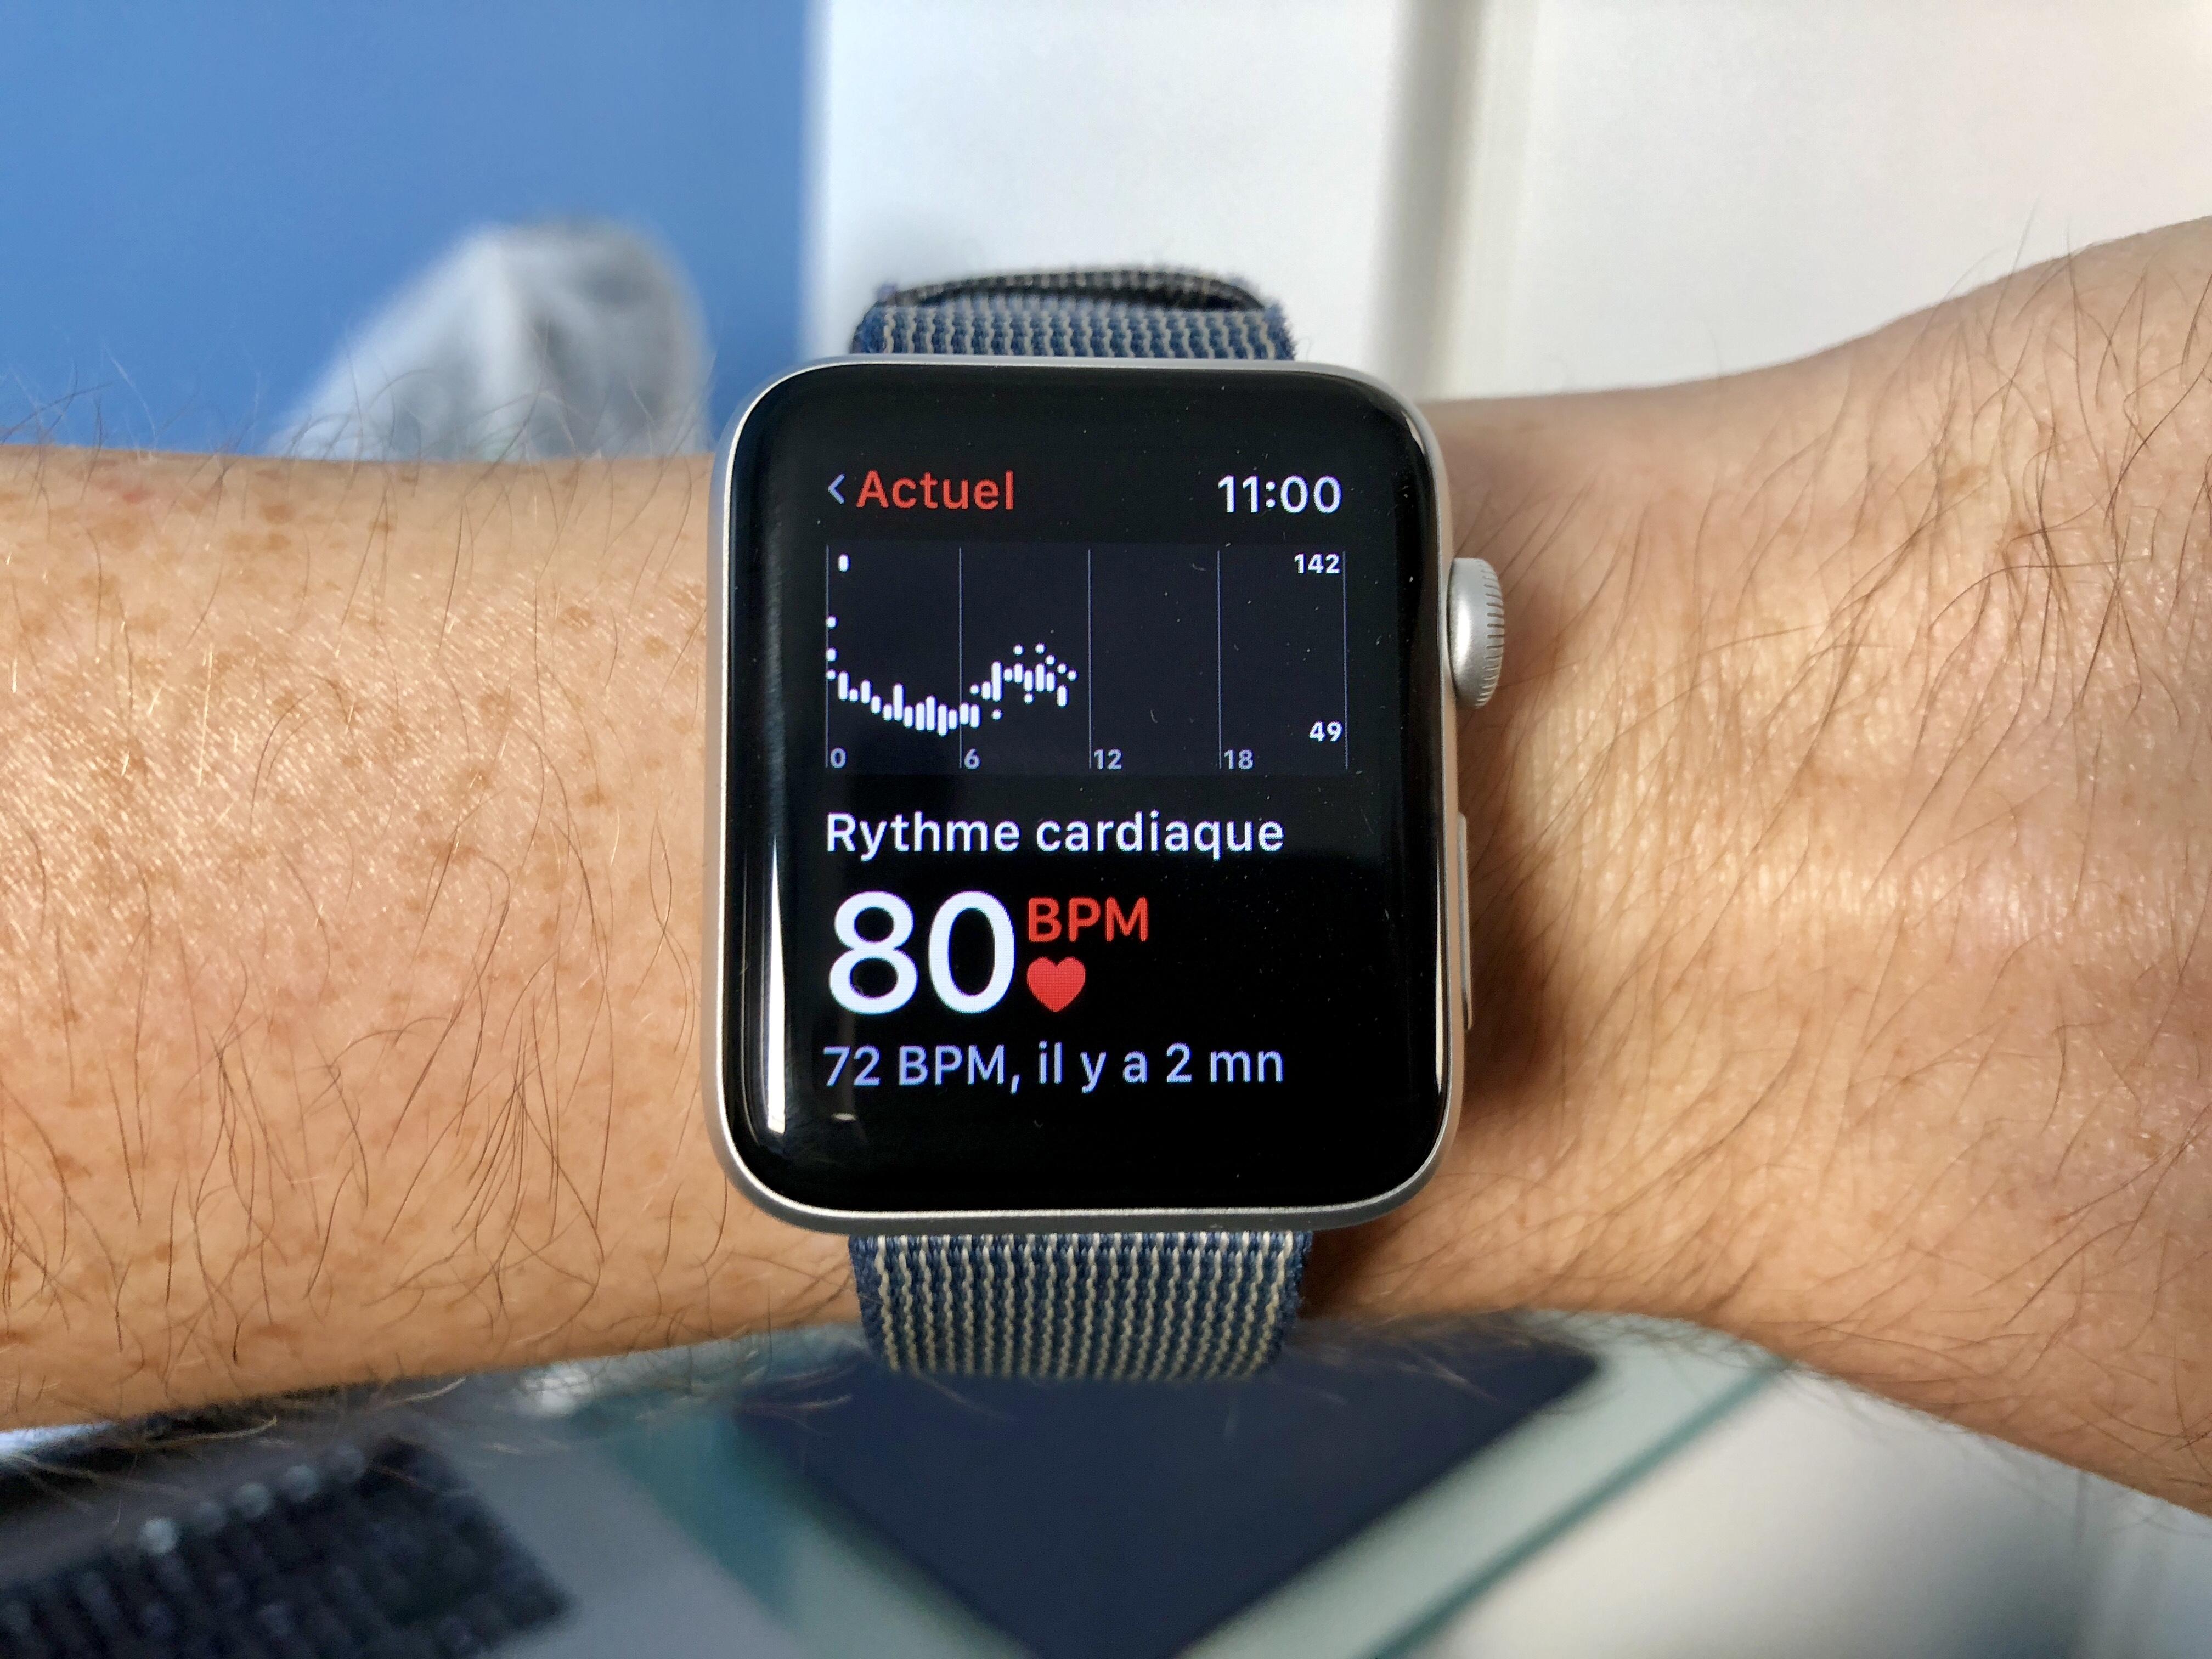 L'Apple Watch émet des alertes et anticipe la (grave) crise de tachycardie de son porteur 1